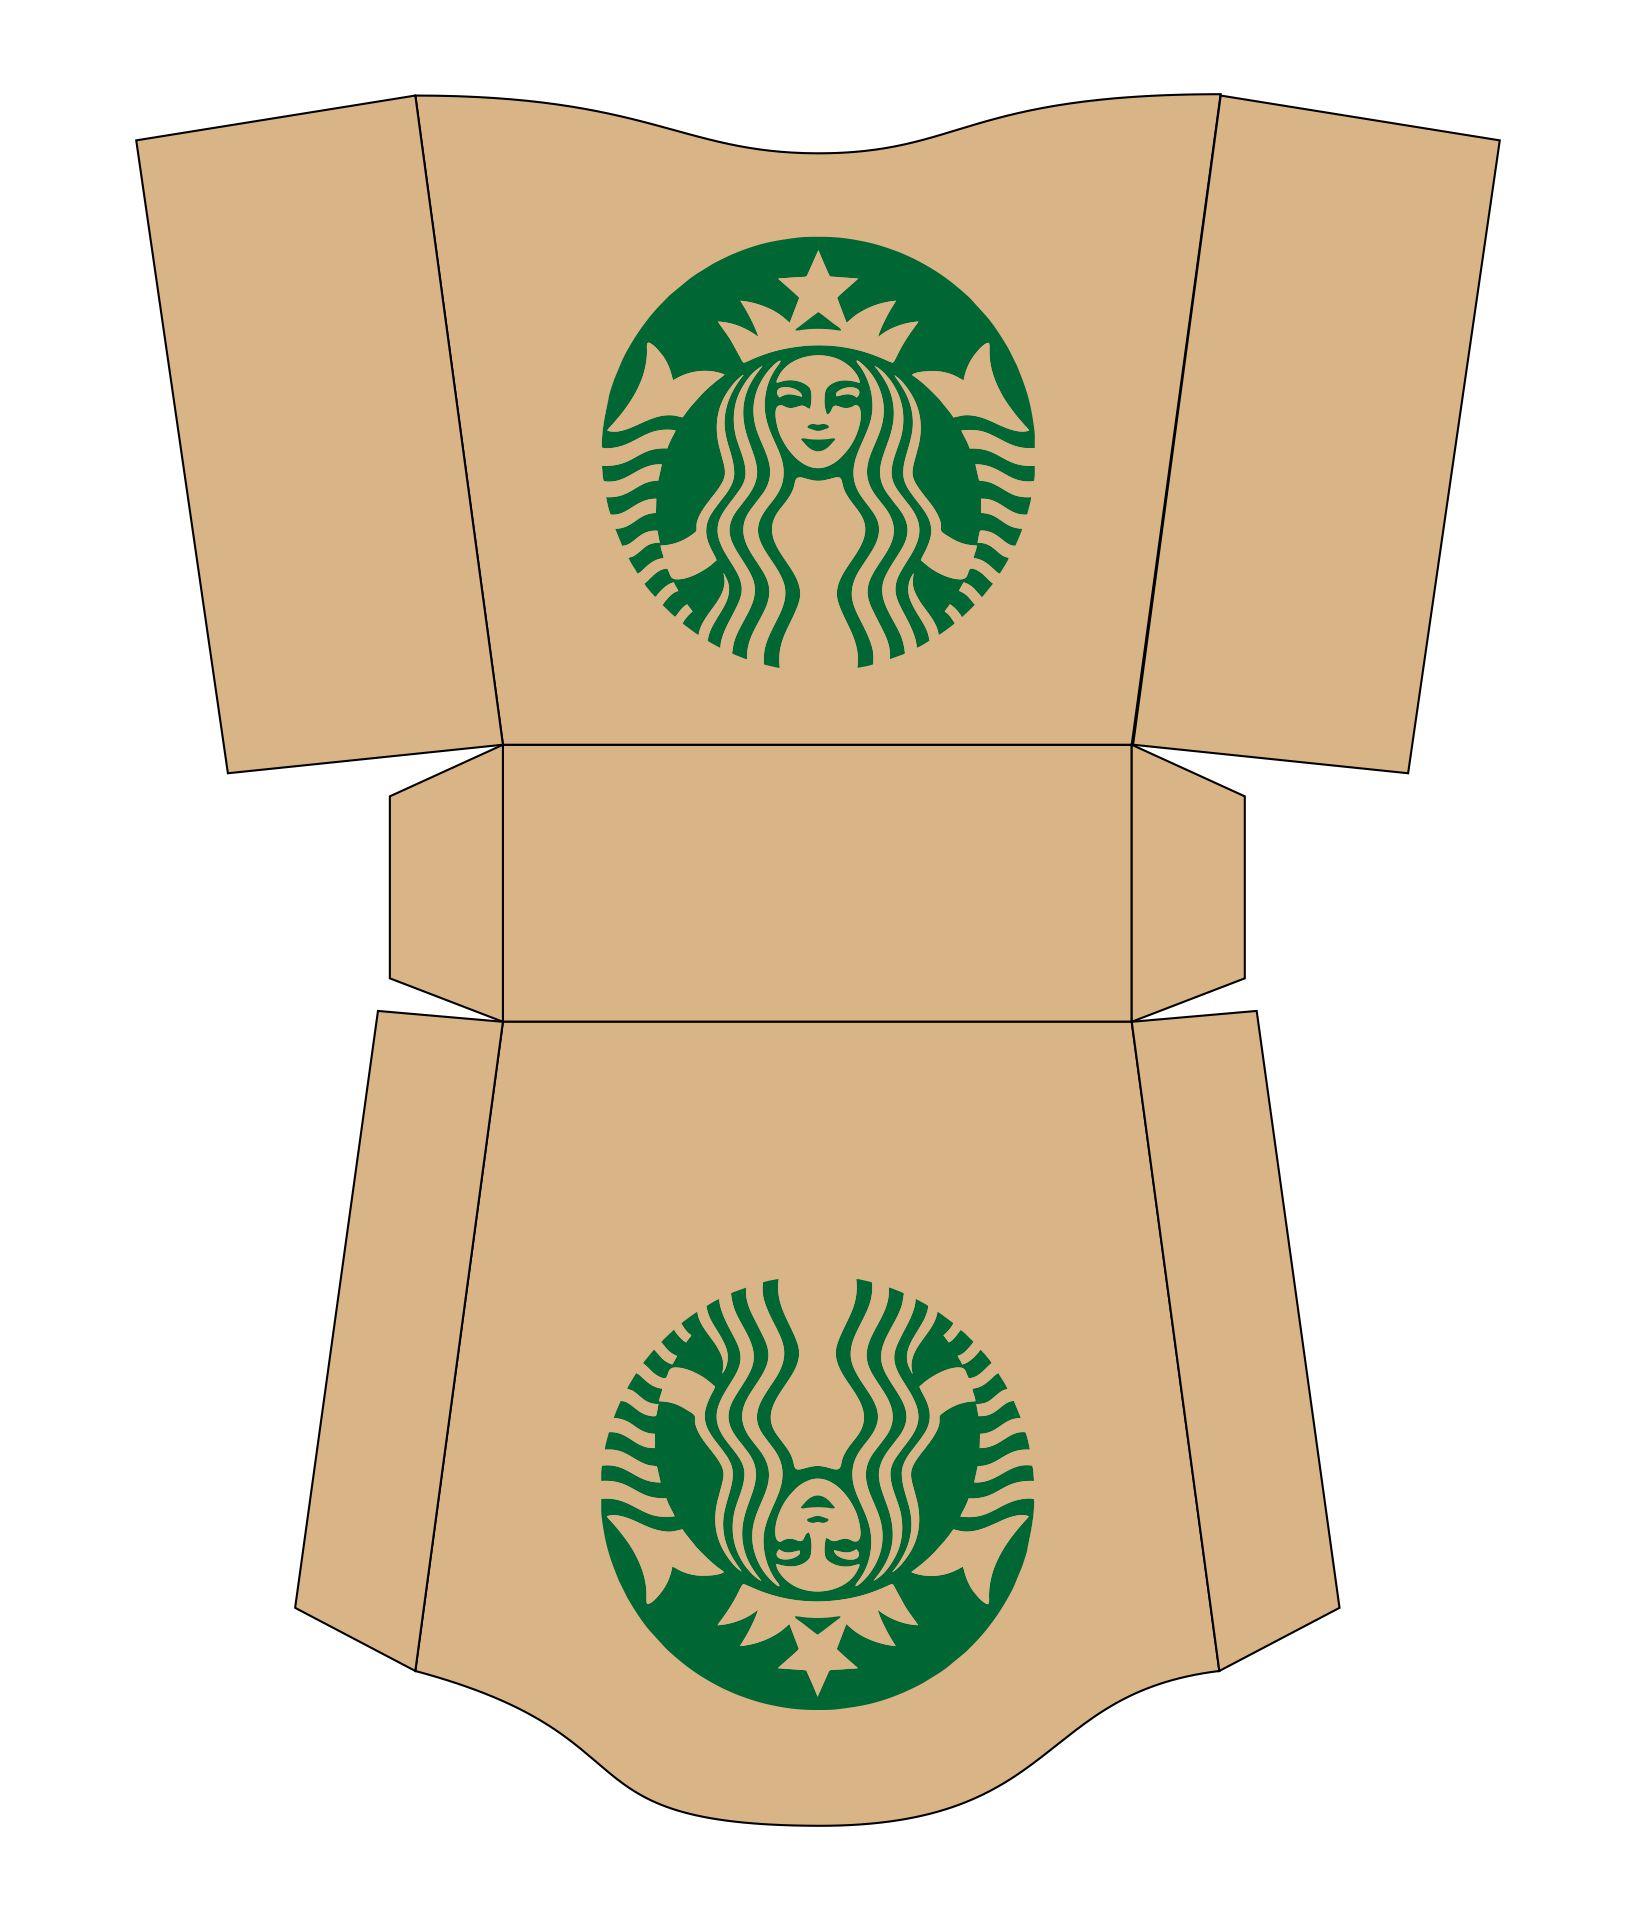 Starbucks Miniature Printables